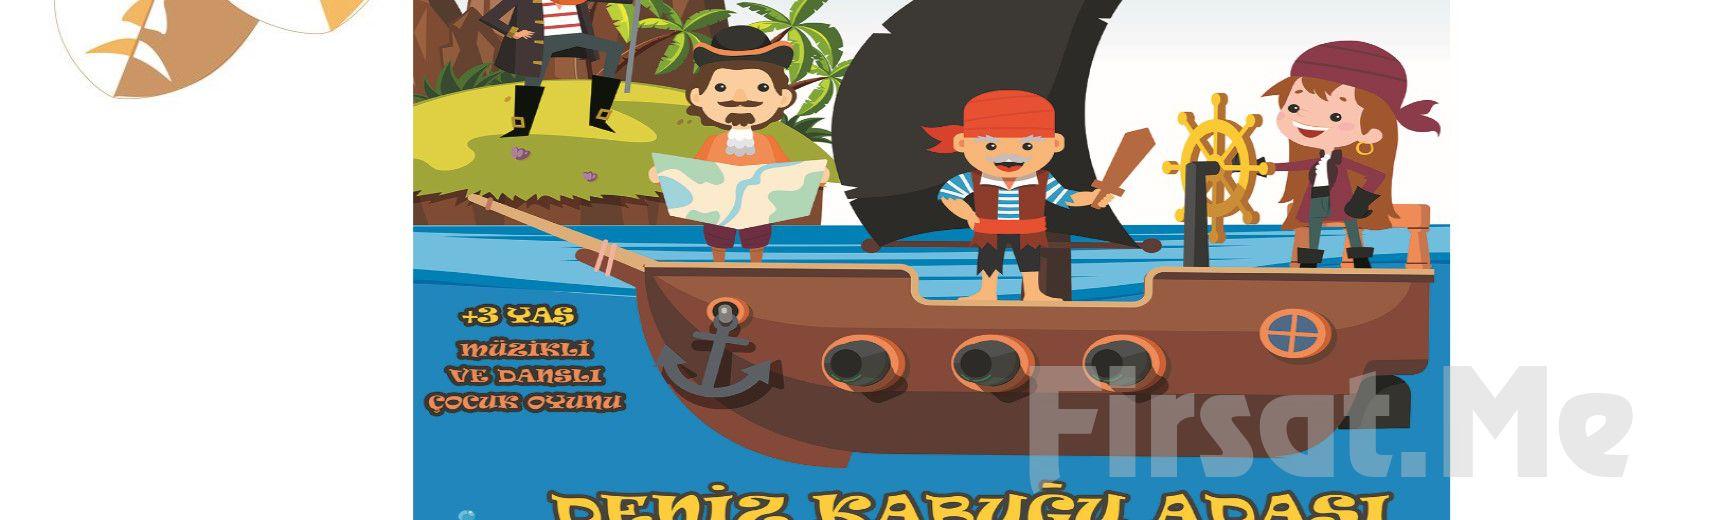 Hazine Peşinde Soluksuz Bir Macera 'Deniz Kabuğu Adası' Çocuk Tiyatro Bileti